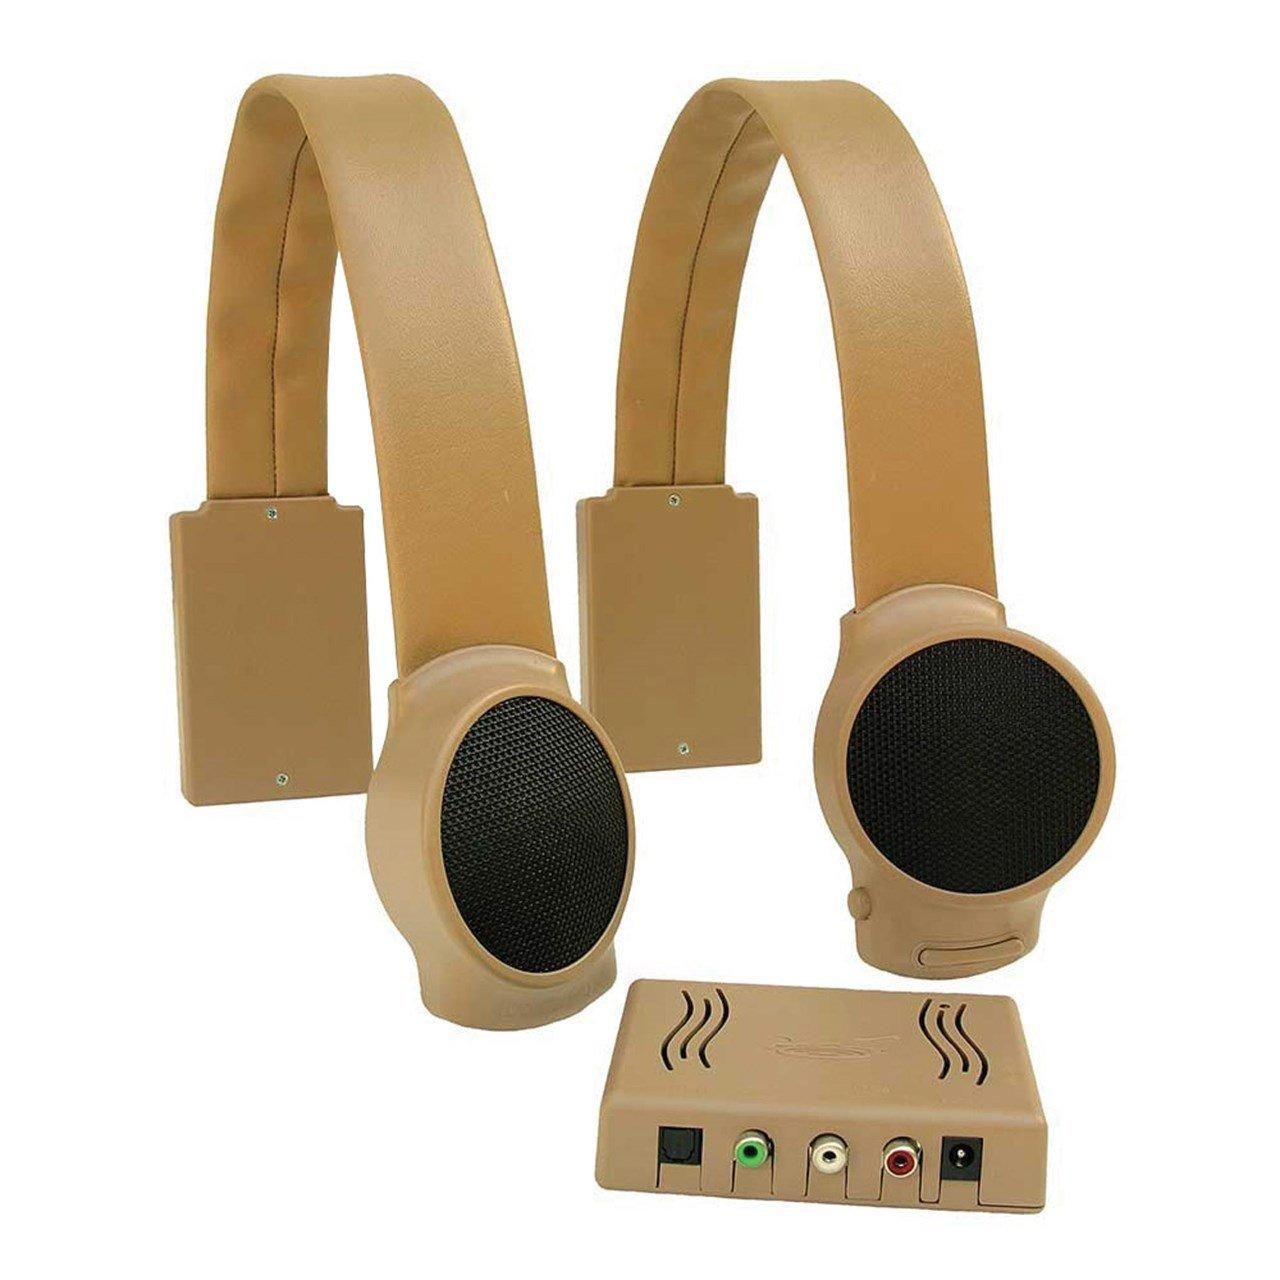 Audio Audio Fox ワイヤレスTVスピーカー ブラウン ブラウン AF-0002 タン タン B00A2KFPSK, 紀州いちばん屋:fd5500d6 --- sharoshka.org